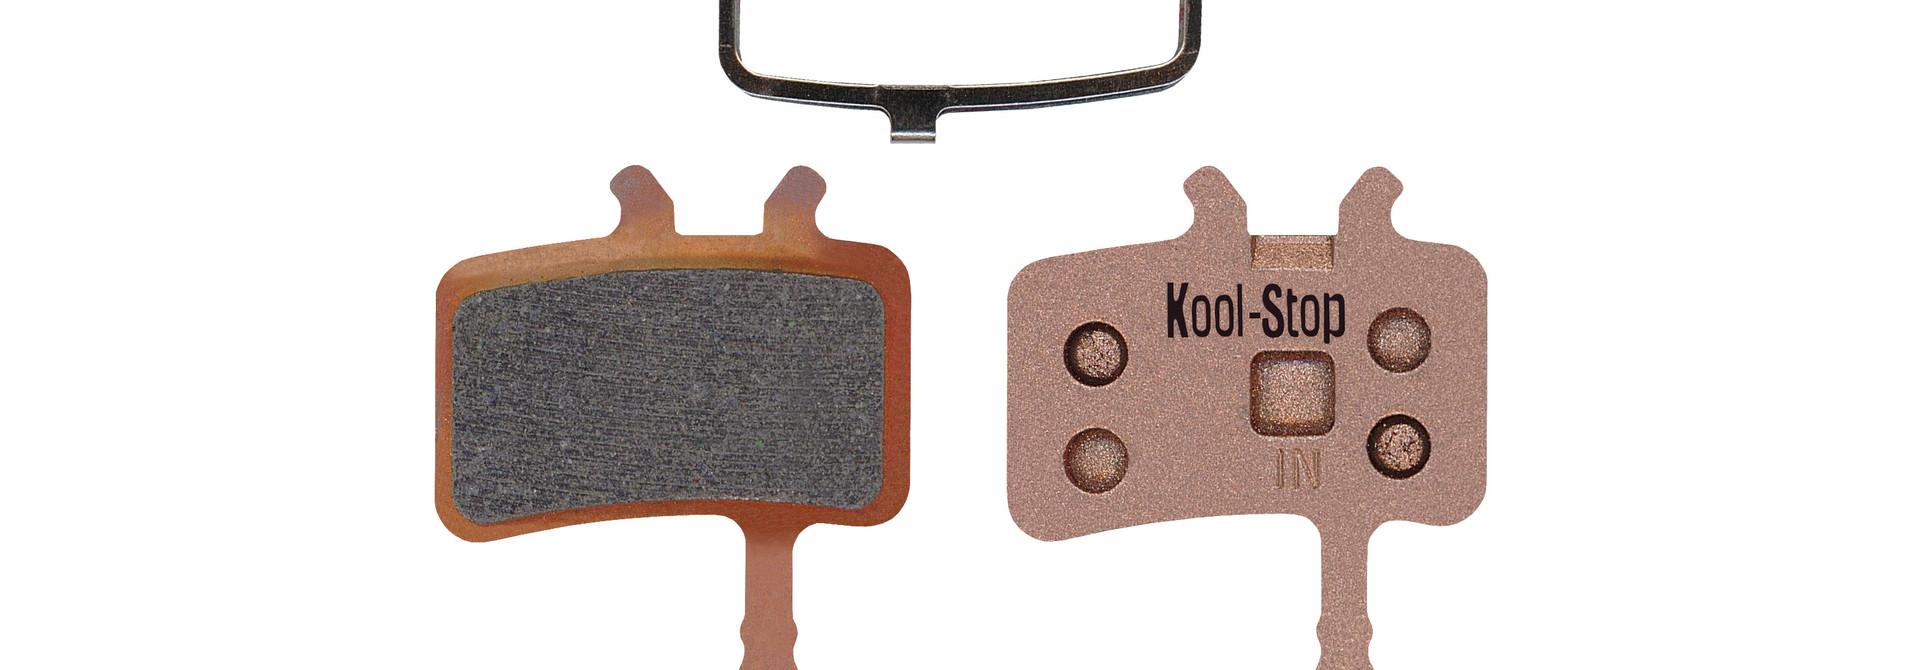 Kool-Stop Avid Juicy Disc Brake Pads, Sintered